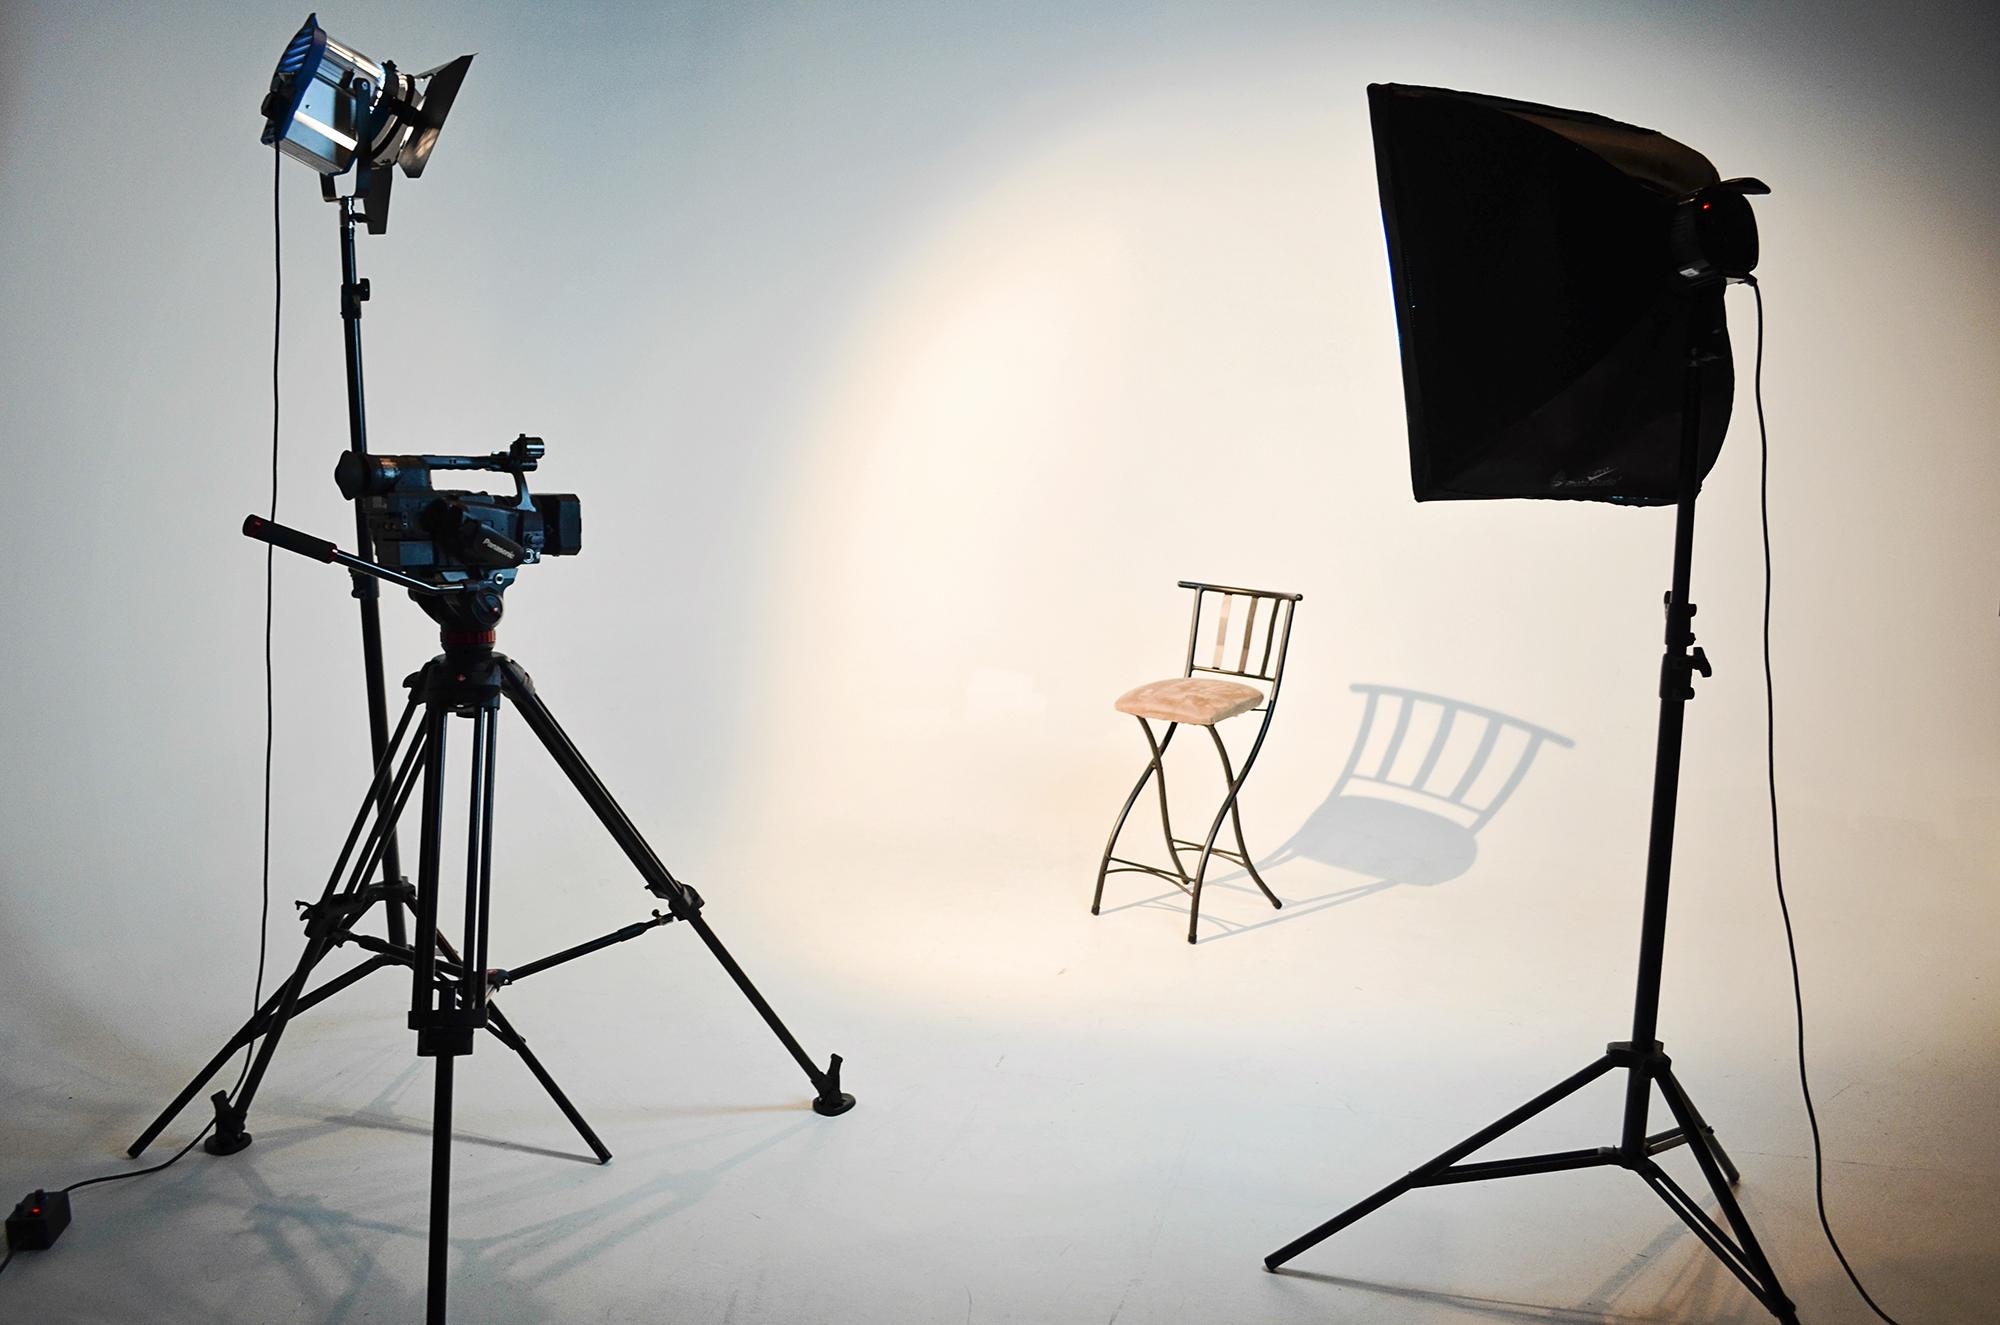 Studio setup for shooting with lights and cameras